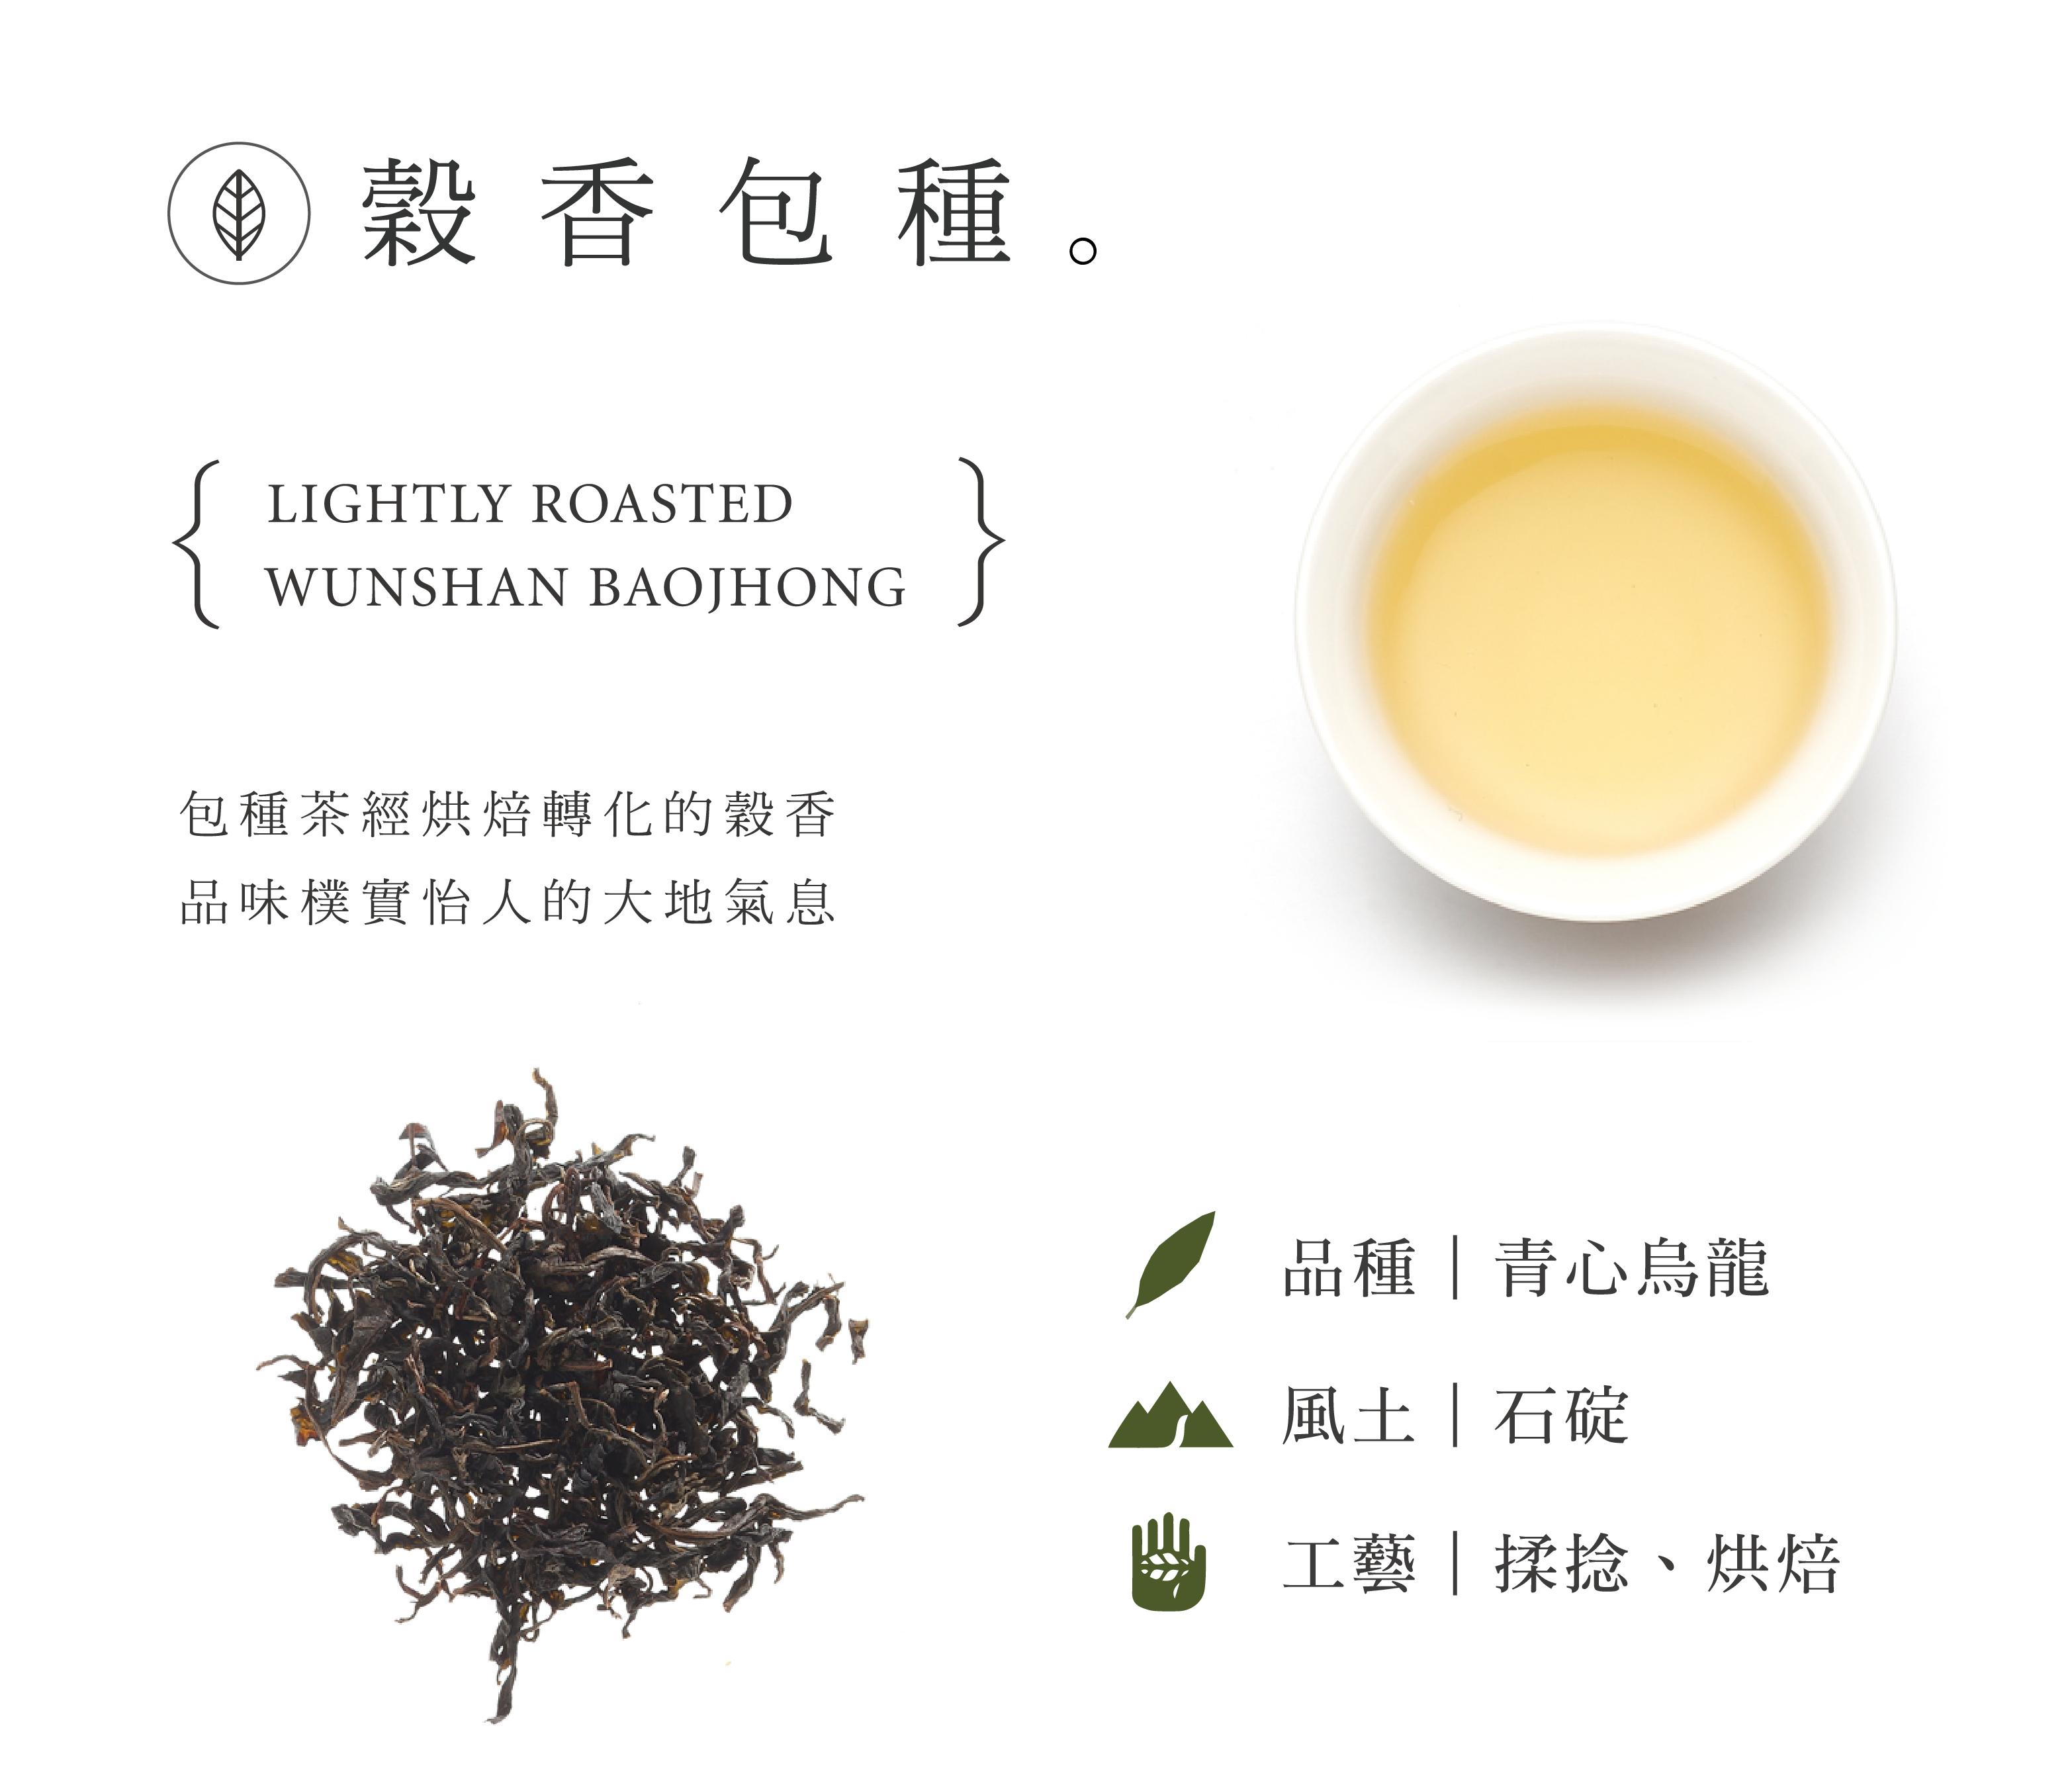 穀香包種 包種茶經烘焙轉化的穀香 品味樸實怡人的大地氣息